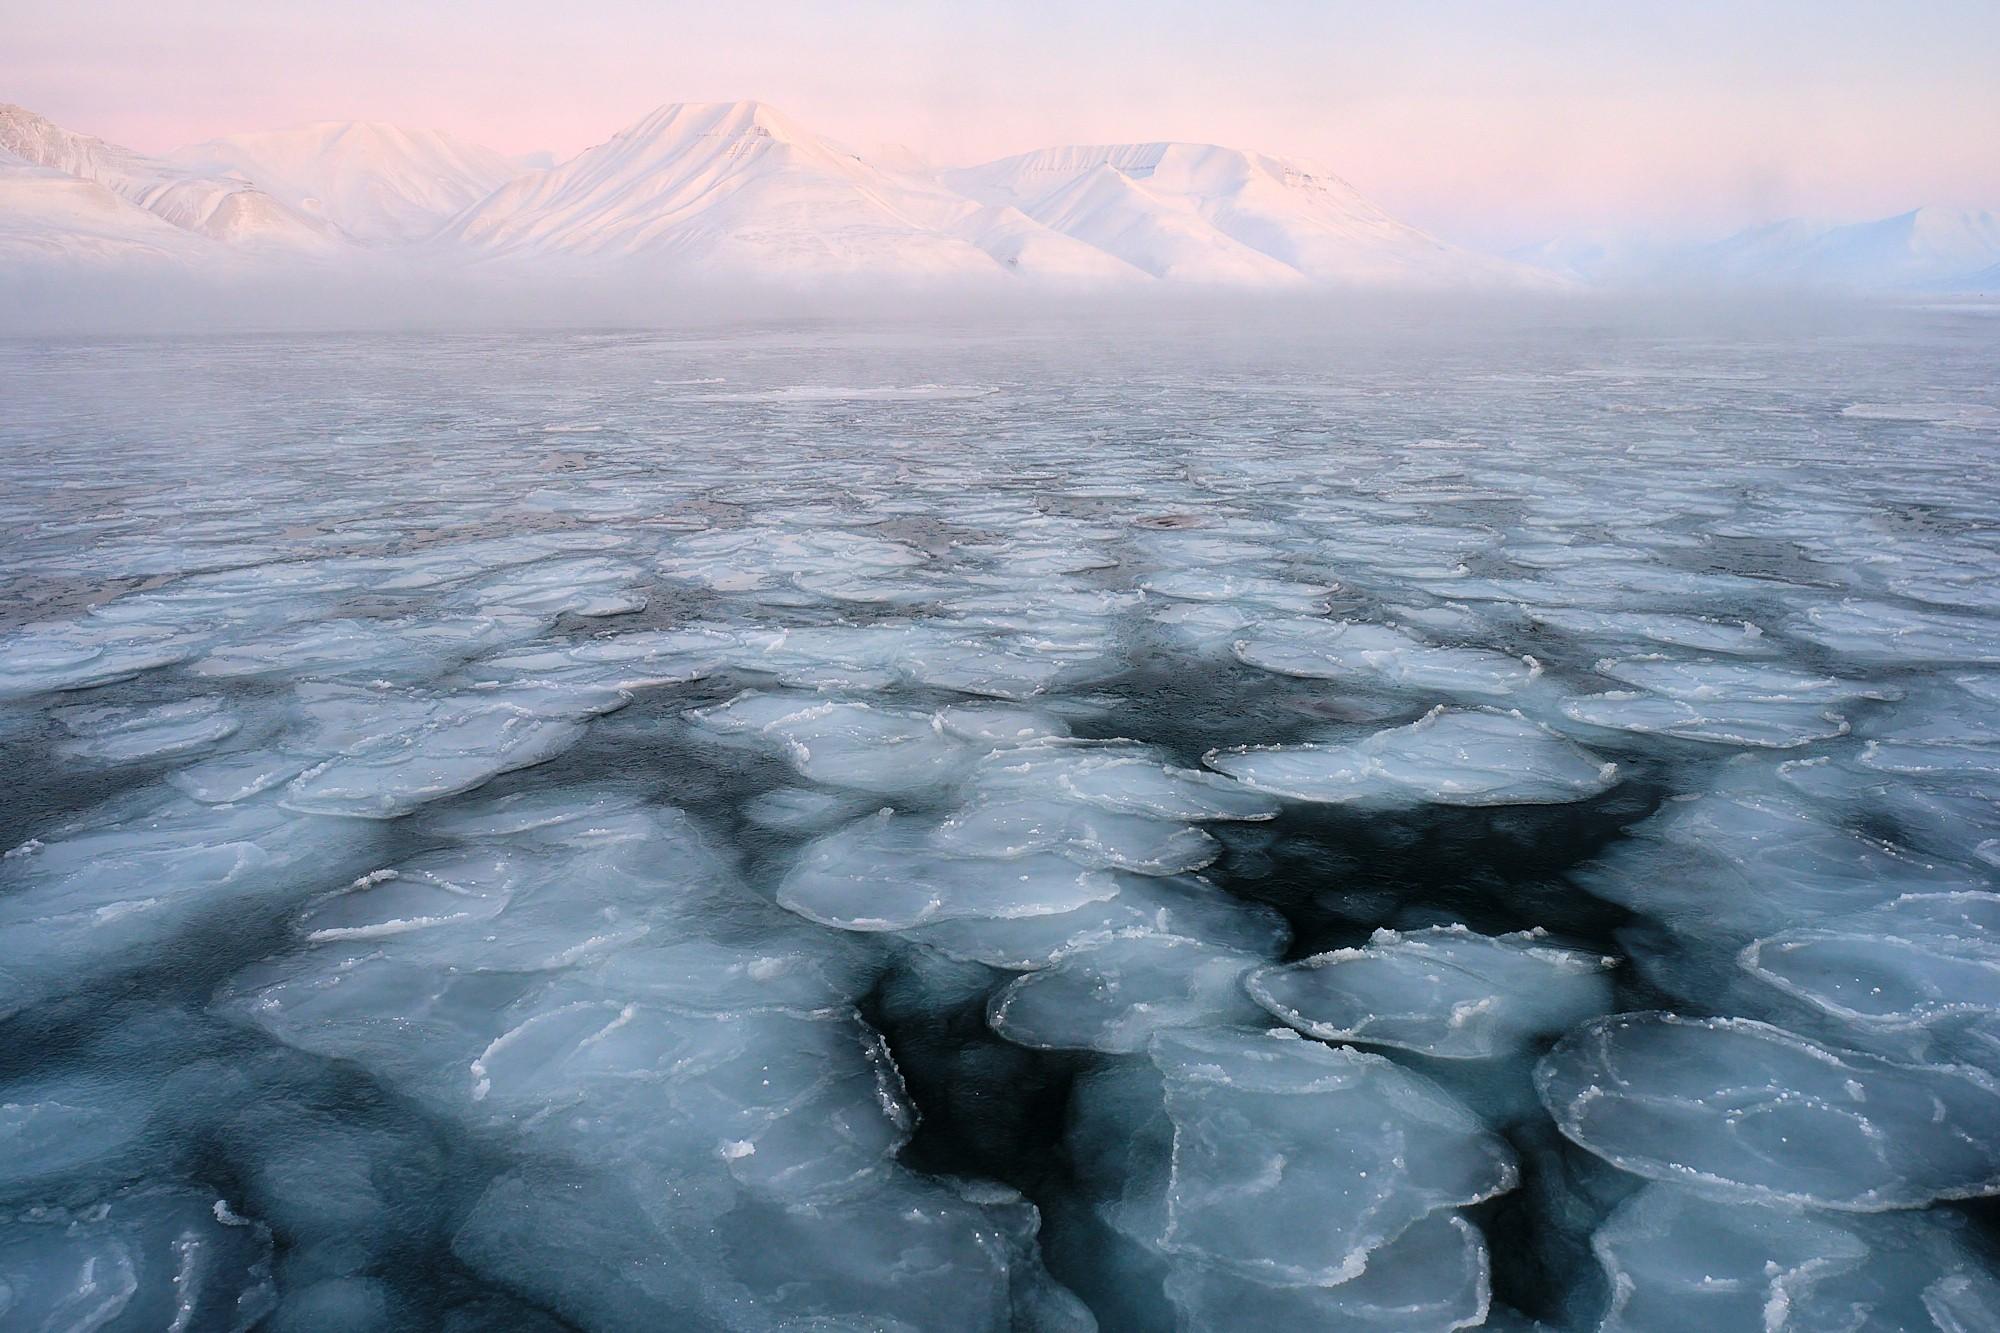 Nízké slunce zabarvuje hory do netradiční růžové barvy (Fujifilm X-T3 + XF16mmF1.4 R WR, f/10, 1/15s, ISO400)